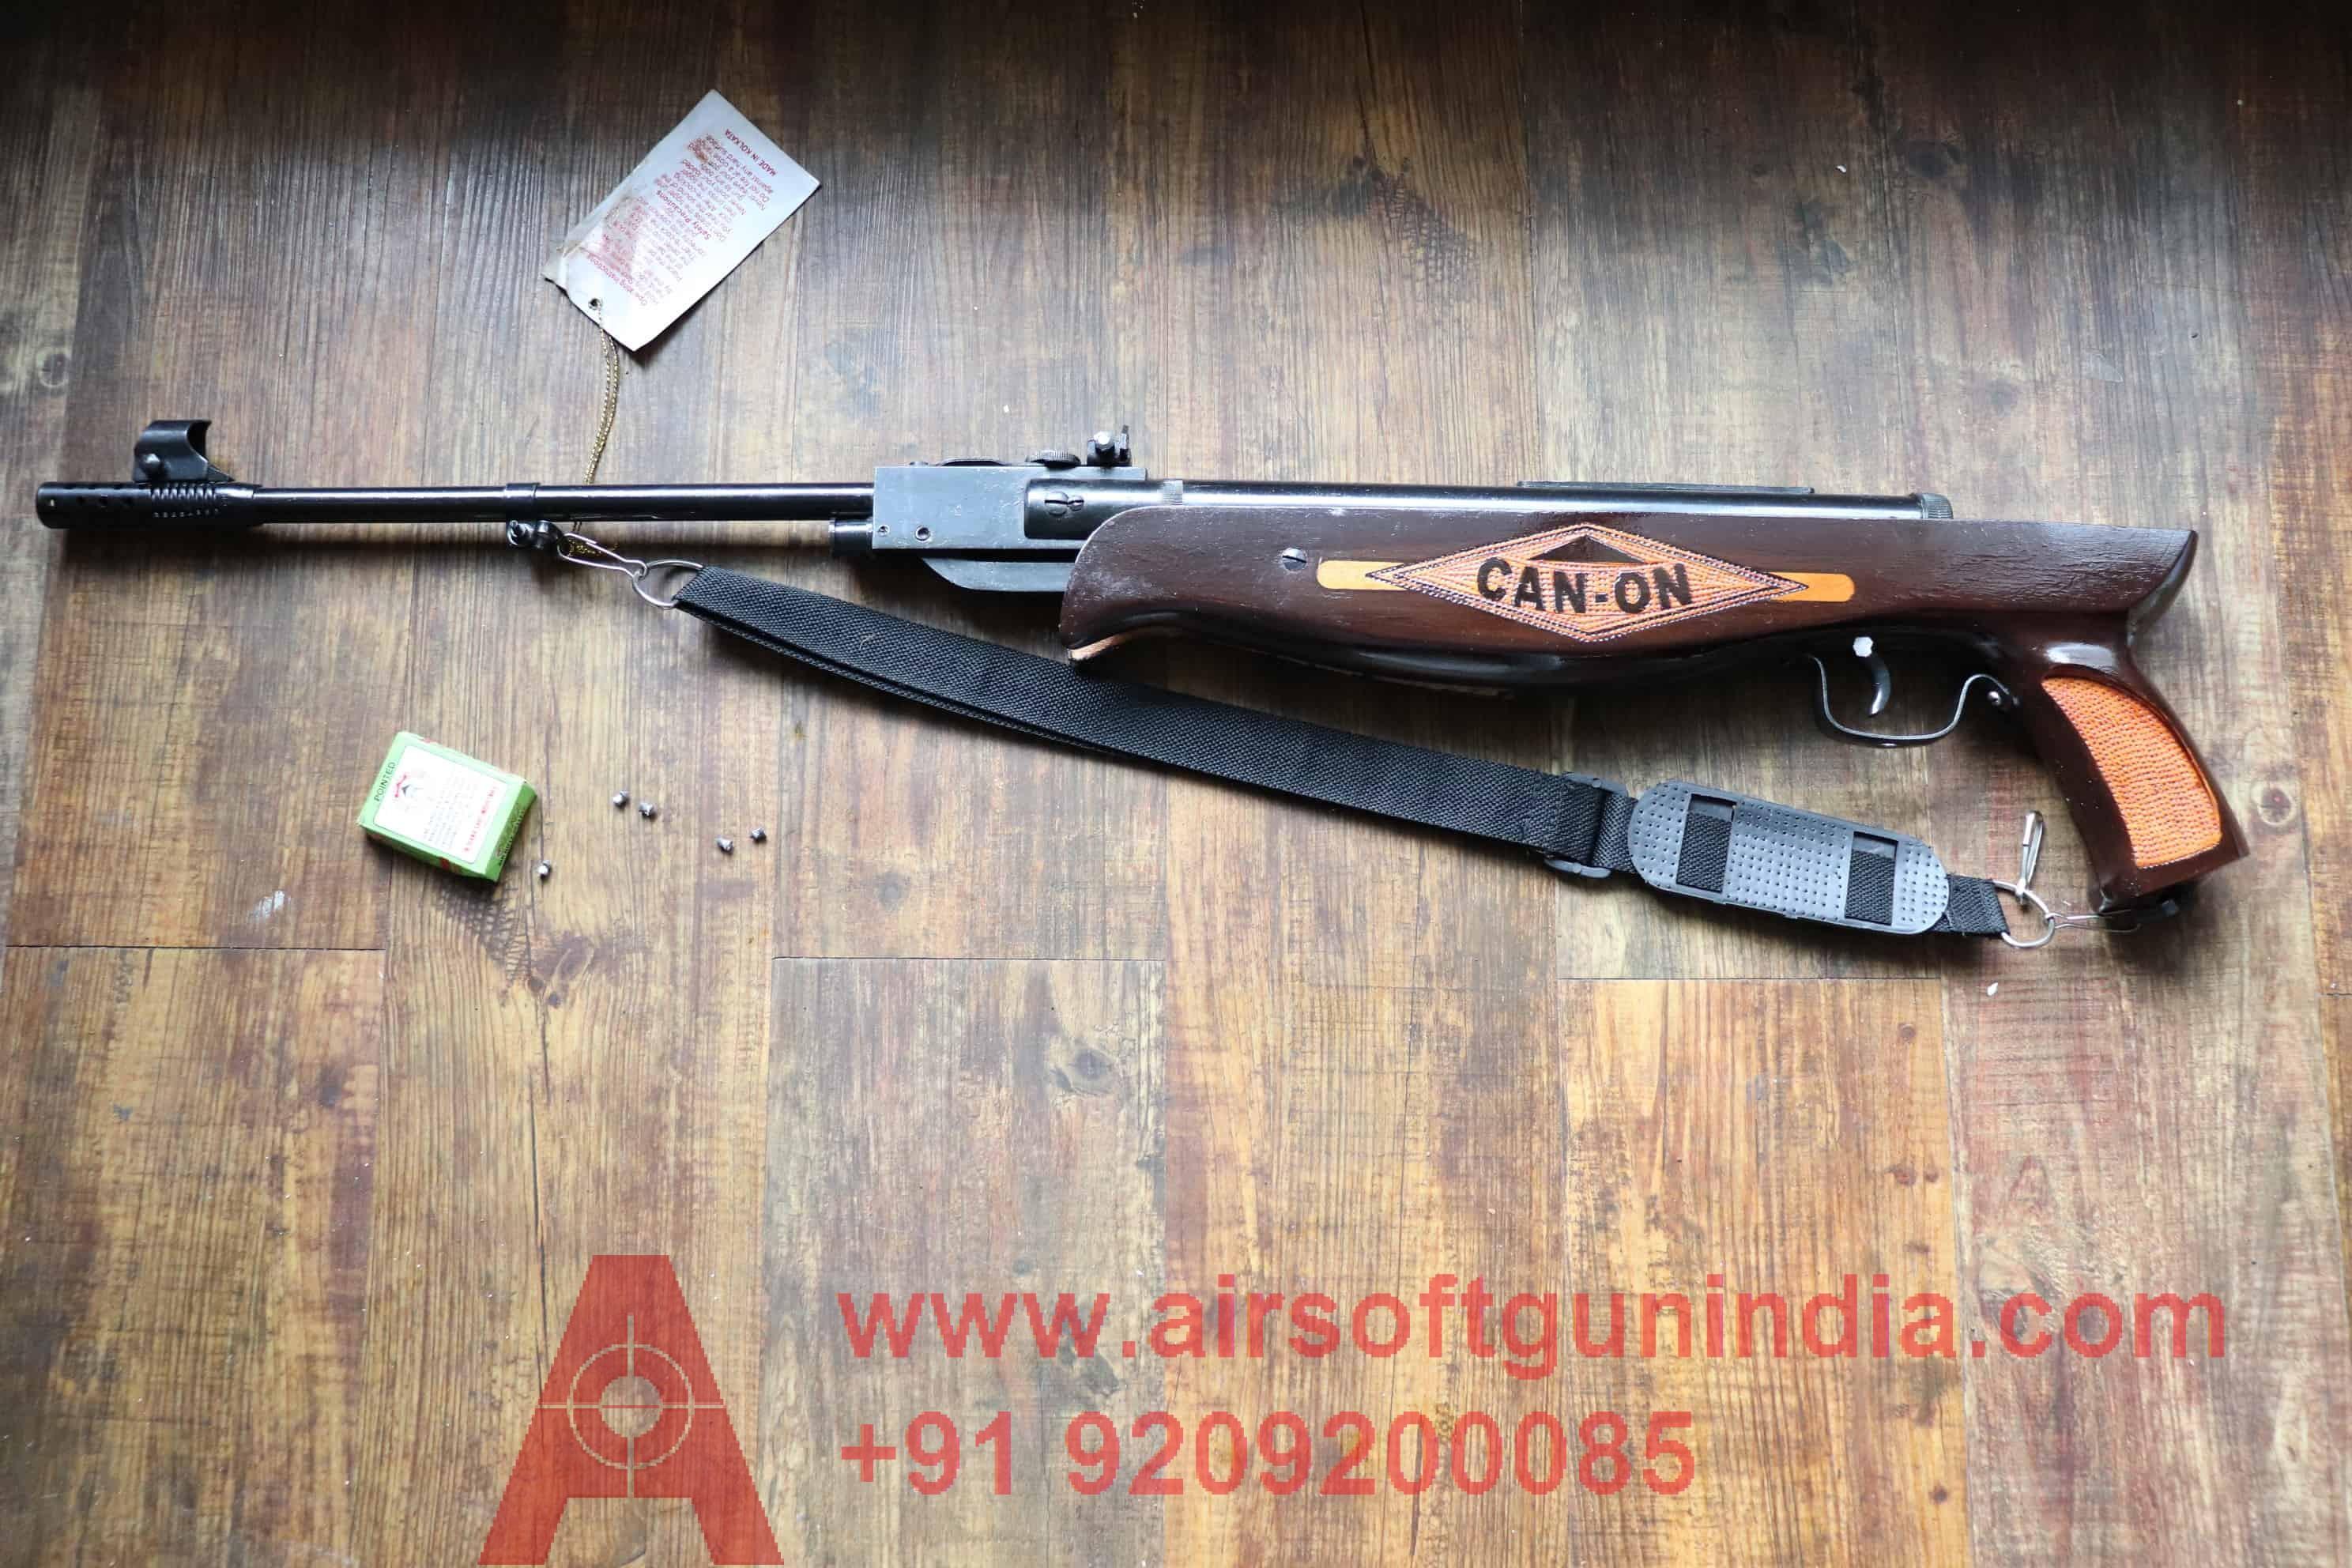 90 SPORTS AIR RIFLE BY AIRSOFT GUN INDIA